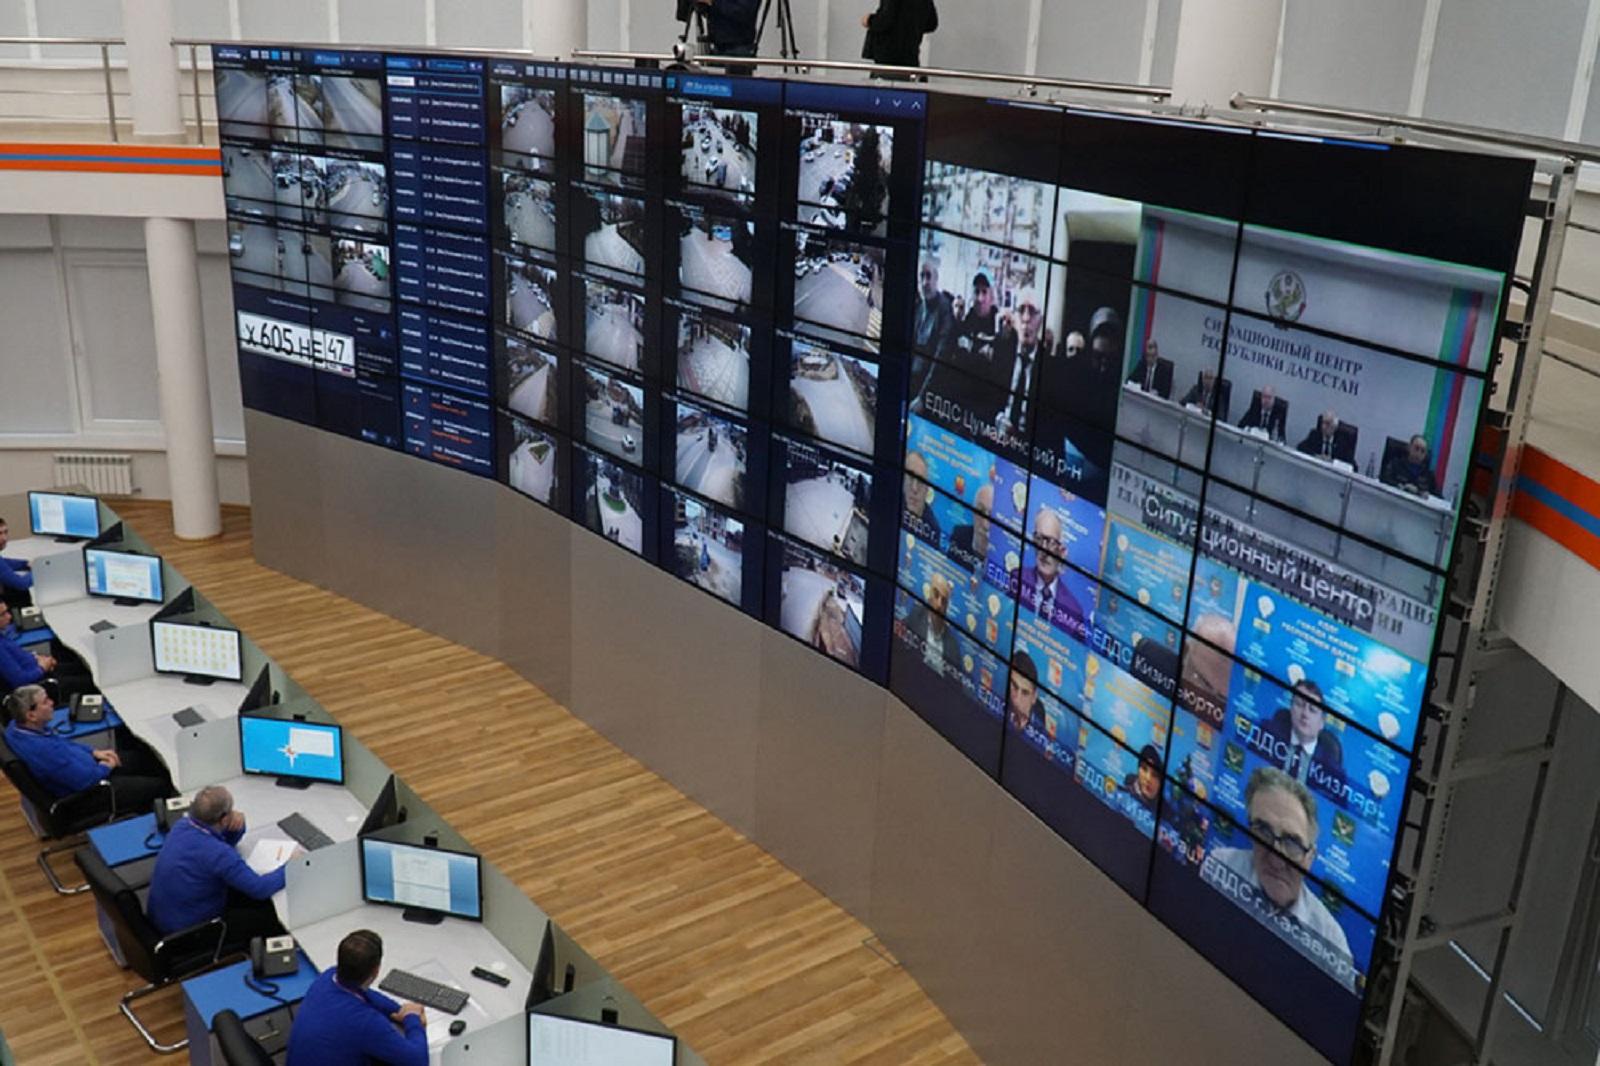 Заказчики и поставщики представили практические кейсы по созданию и эксплуатации ситуационных центров